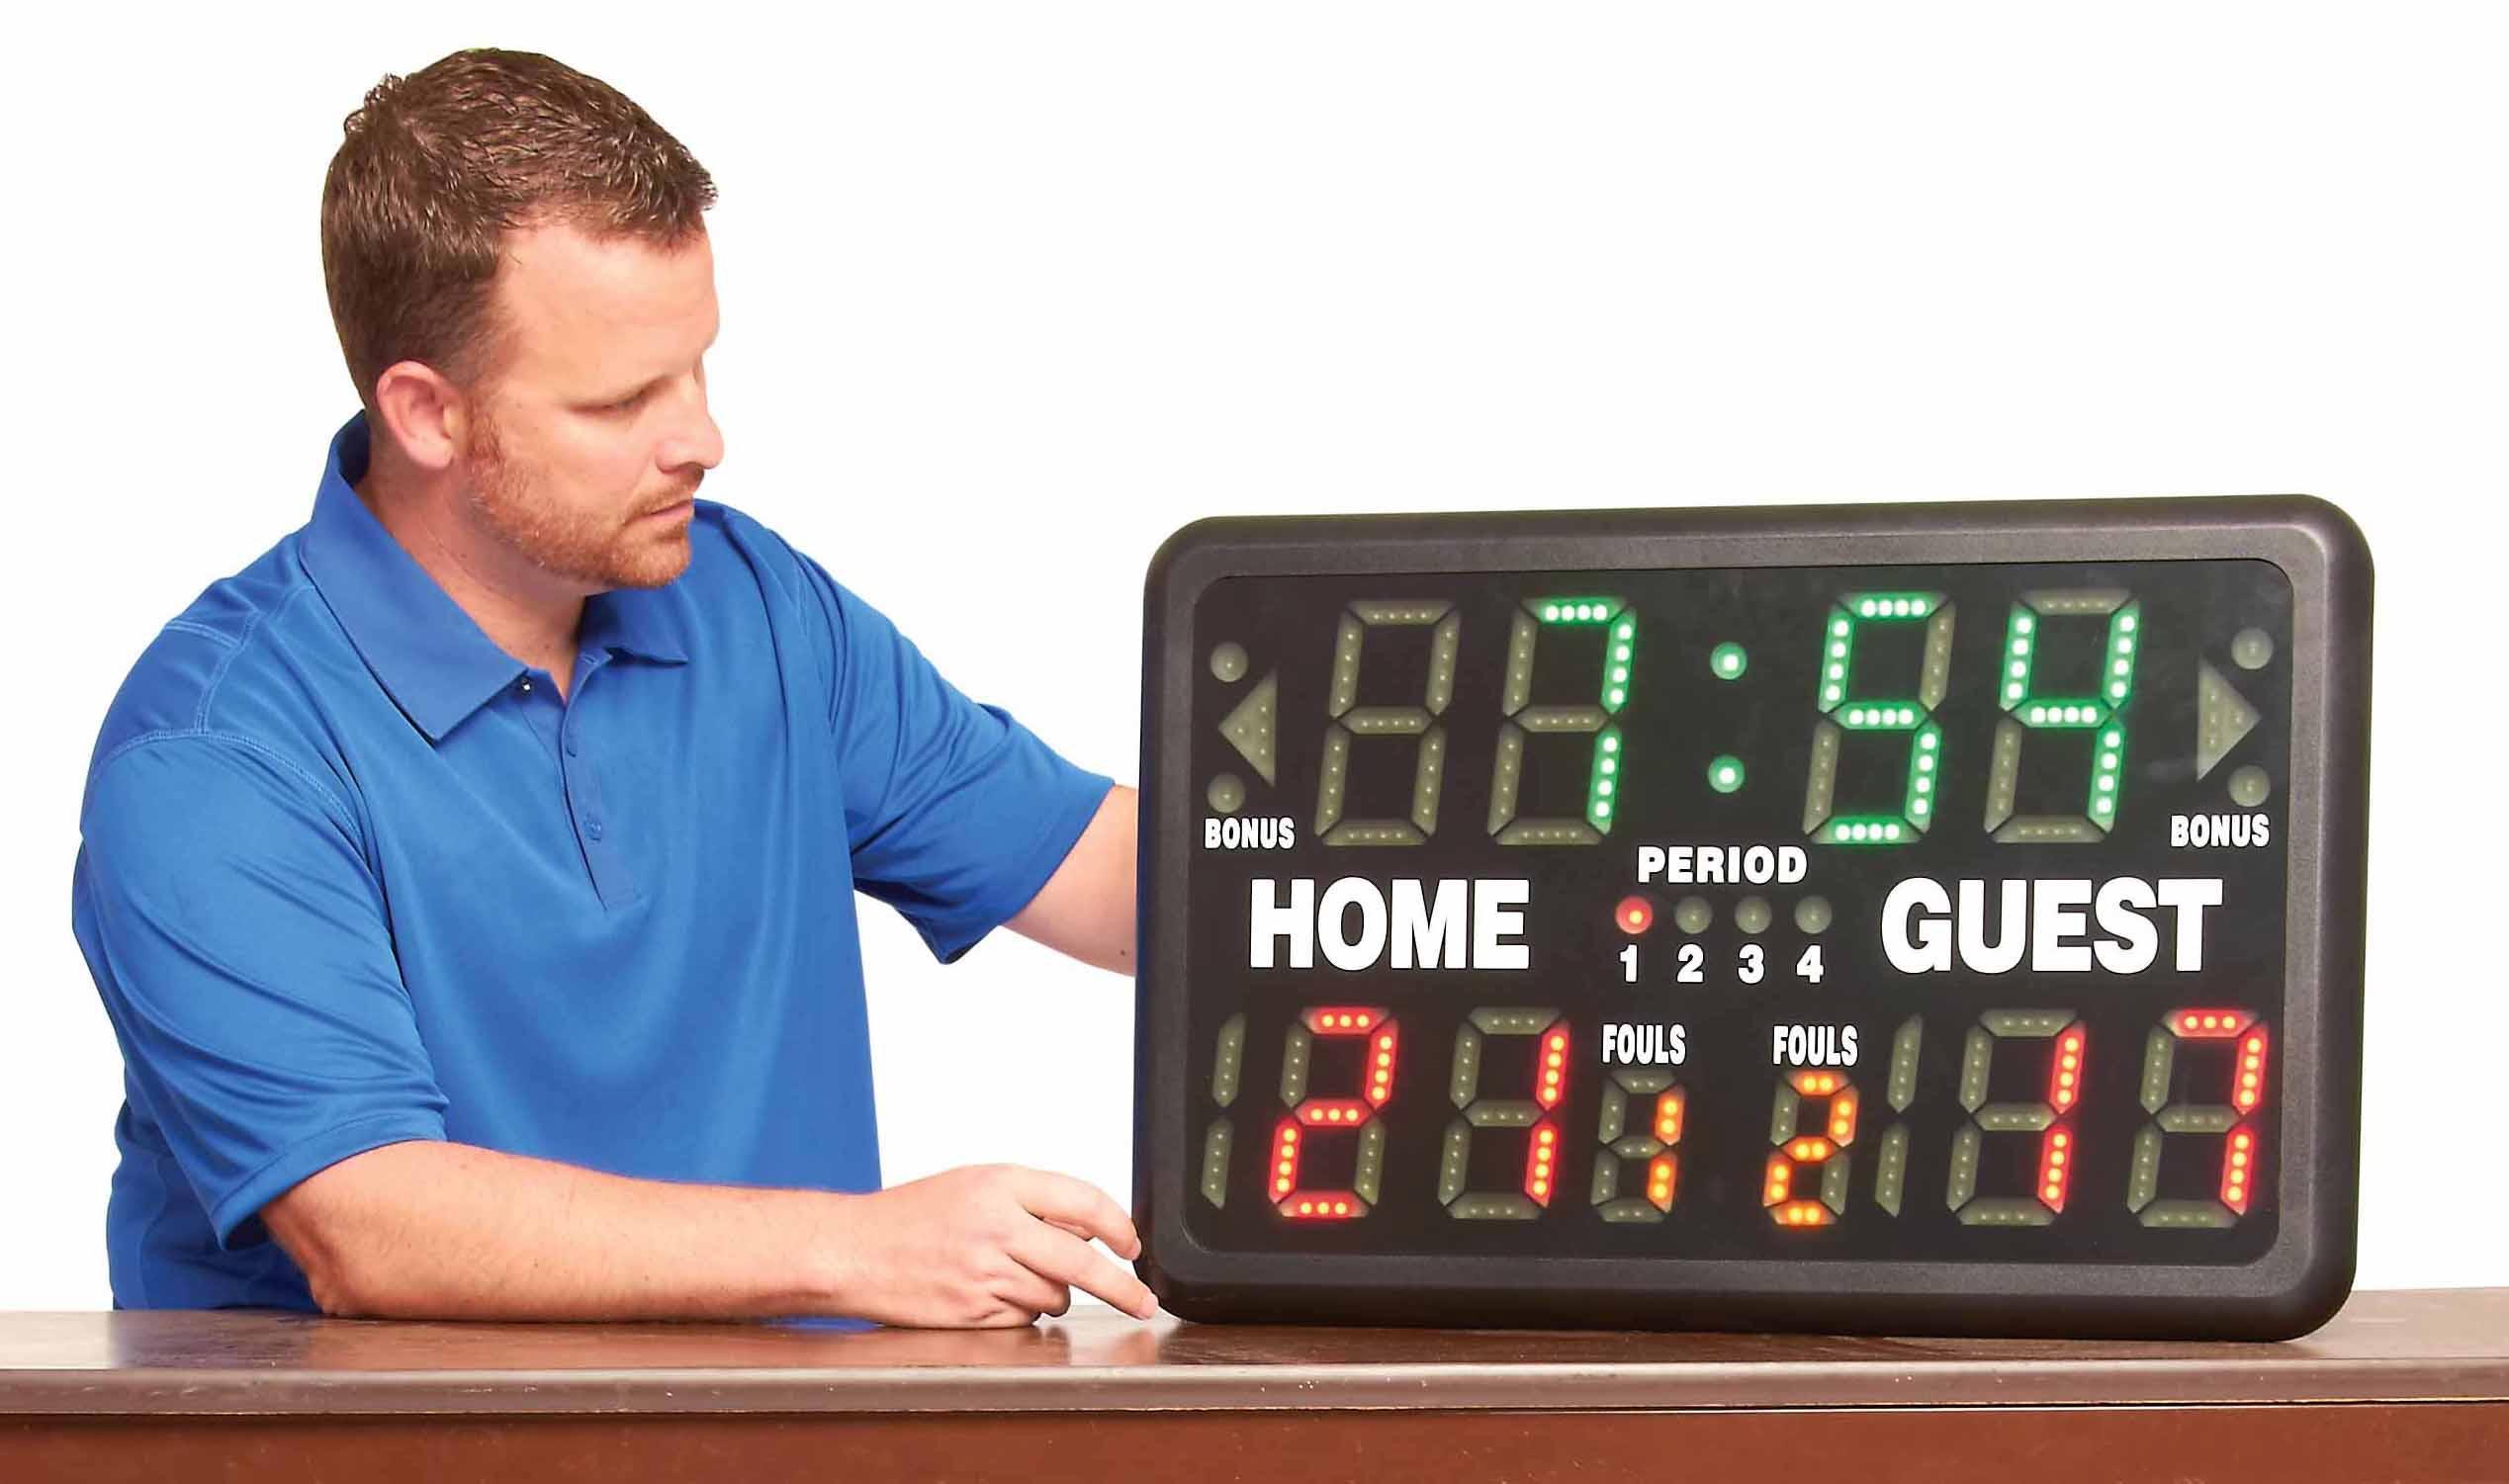 Amazon Com Bsn Multisport Indoor Tabletop Scoreboard